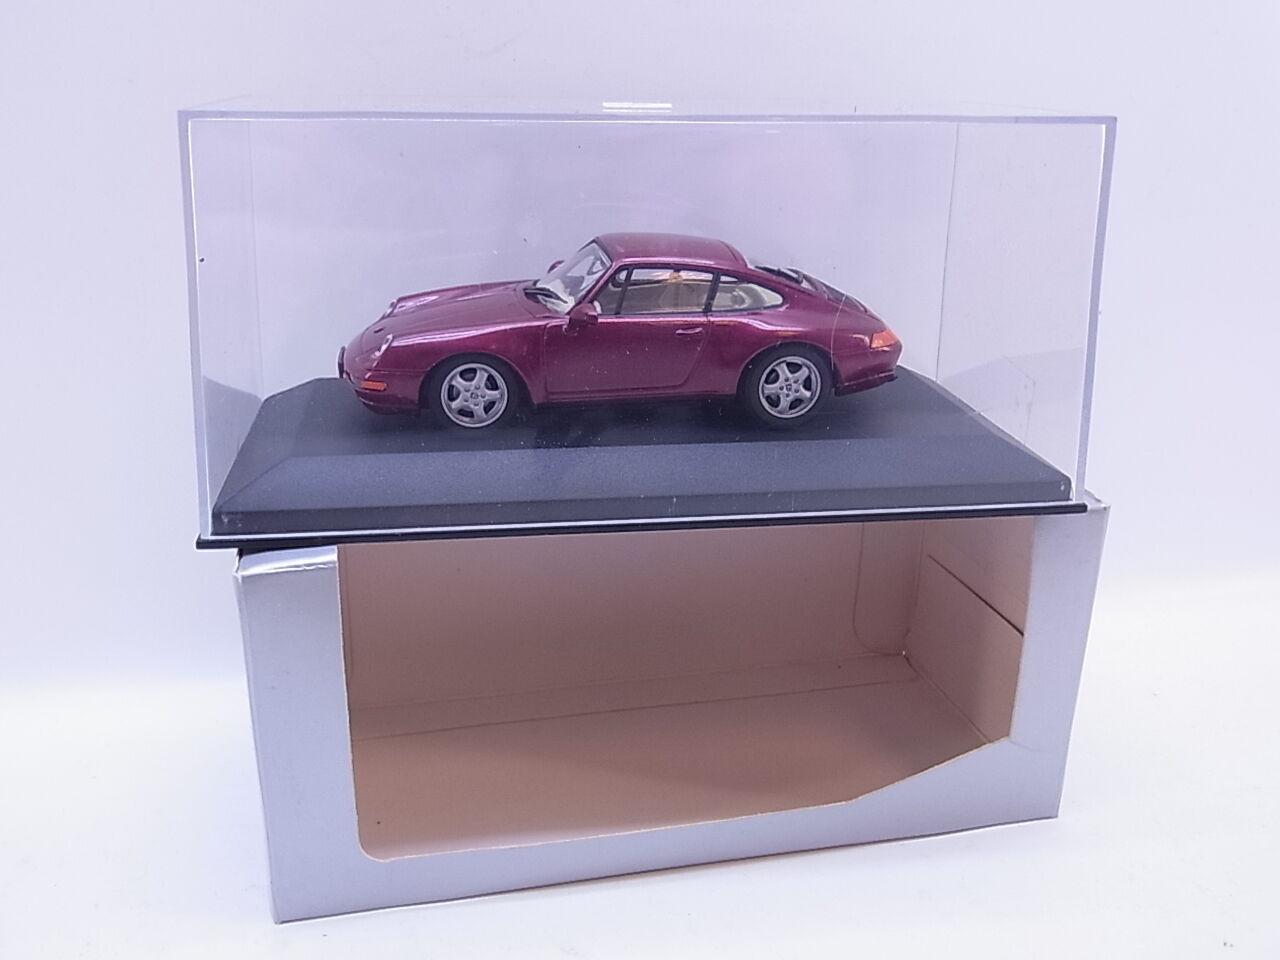 Lot 40695   Minichamps Porsche 911 Coupé 993 Rouge Métallisé Voiture Miniature 1 43 dans neuf dans sa boîte